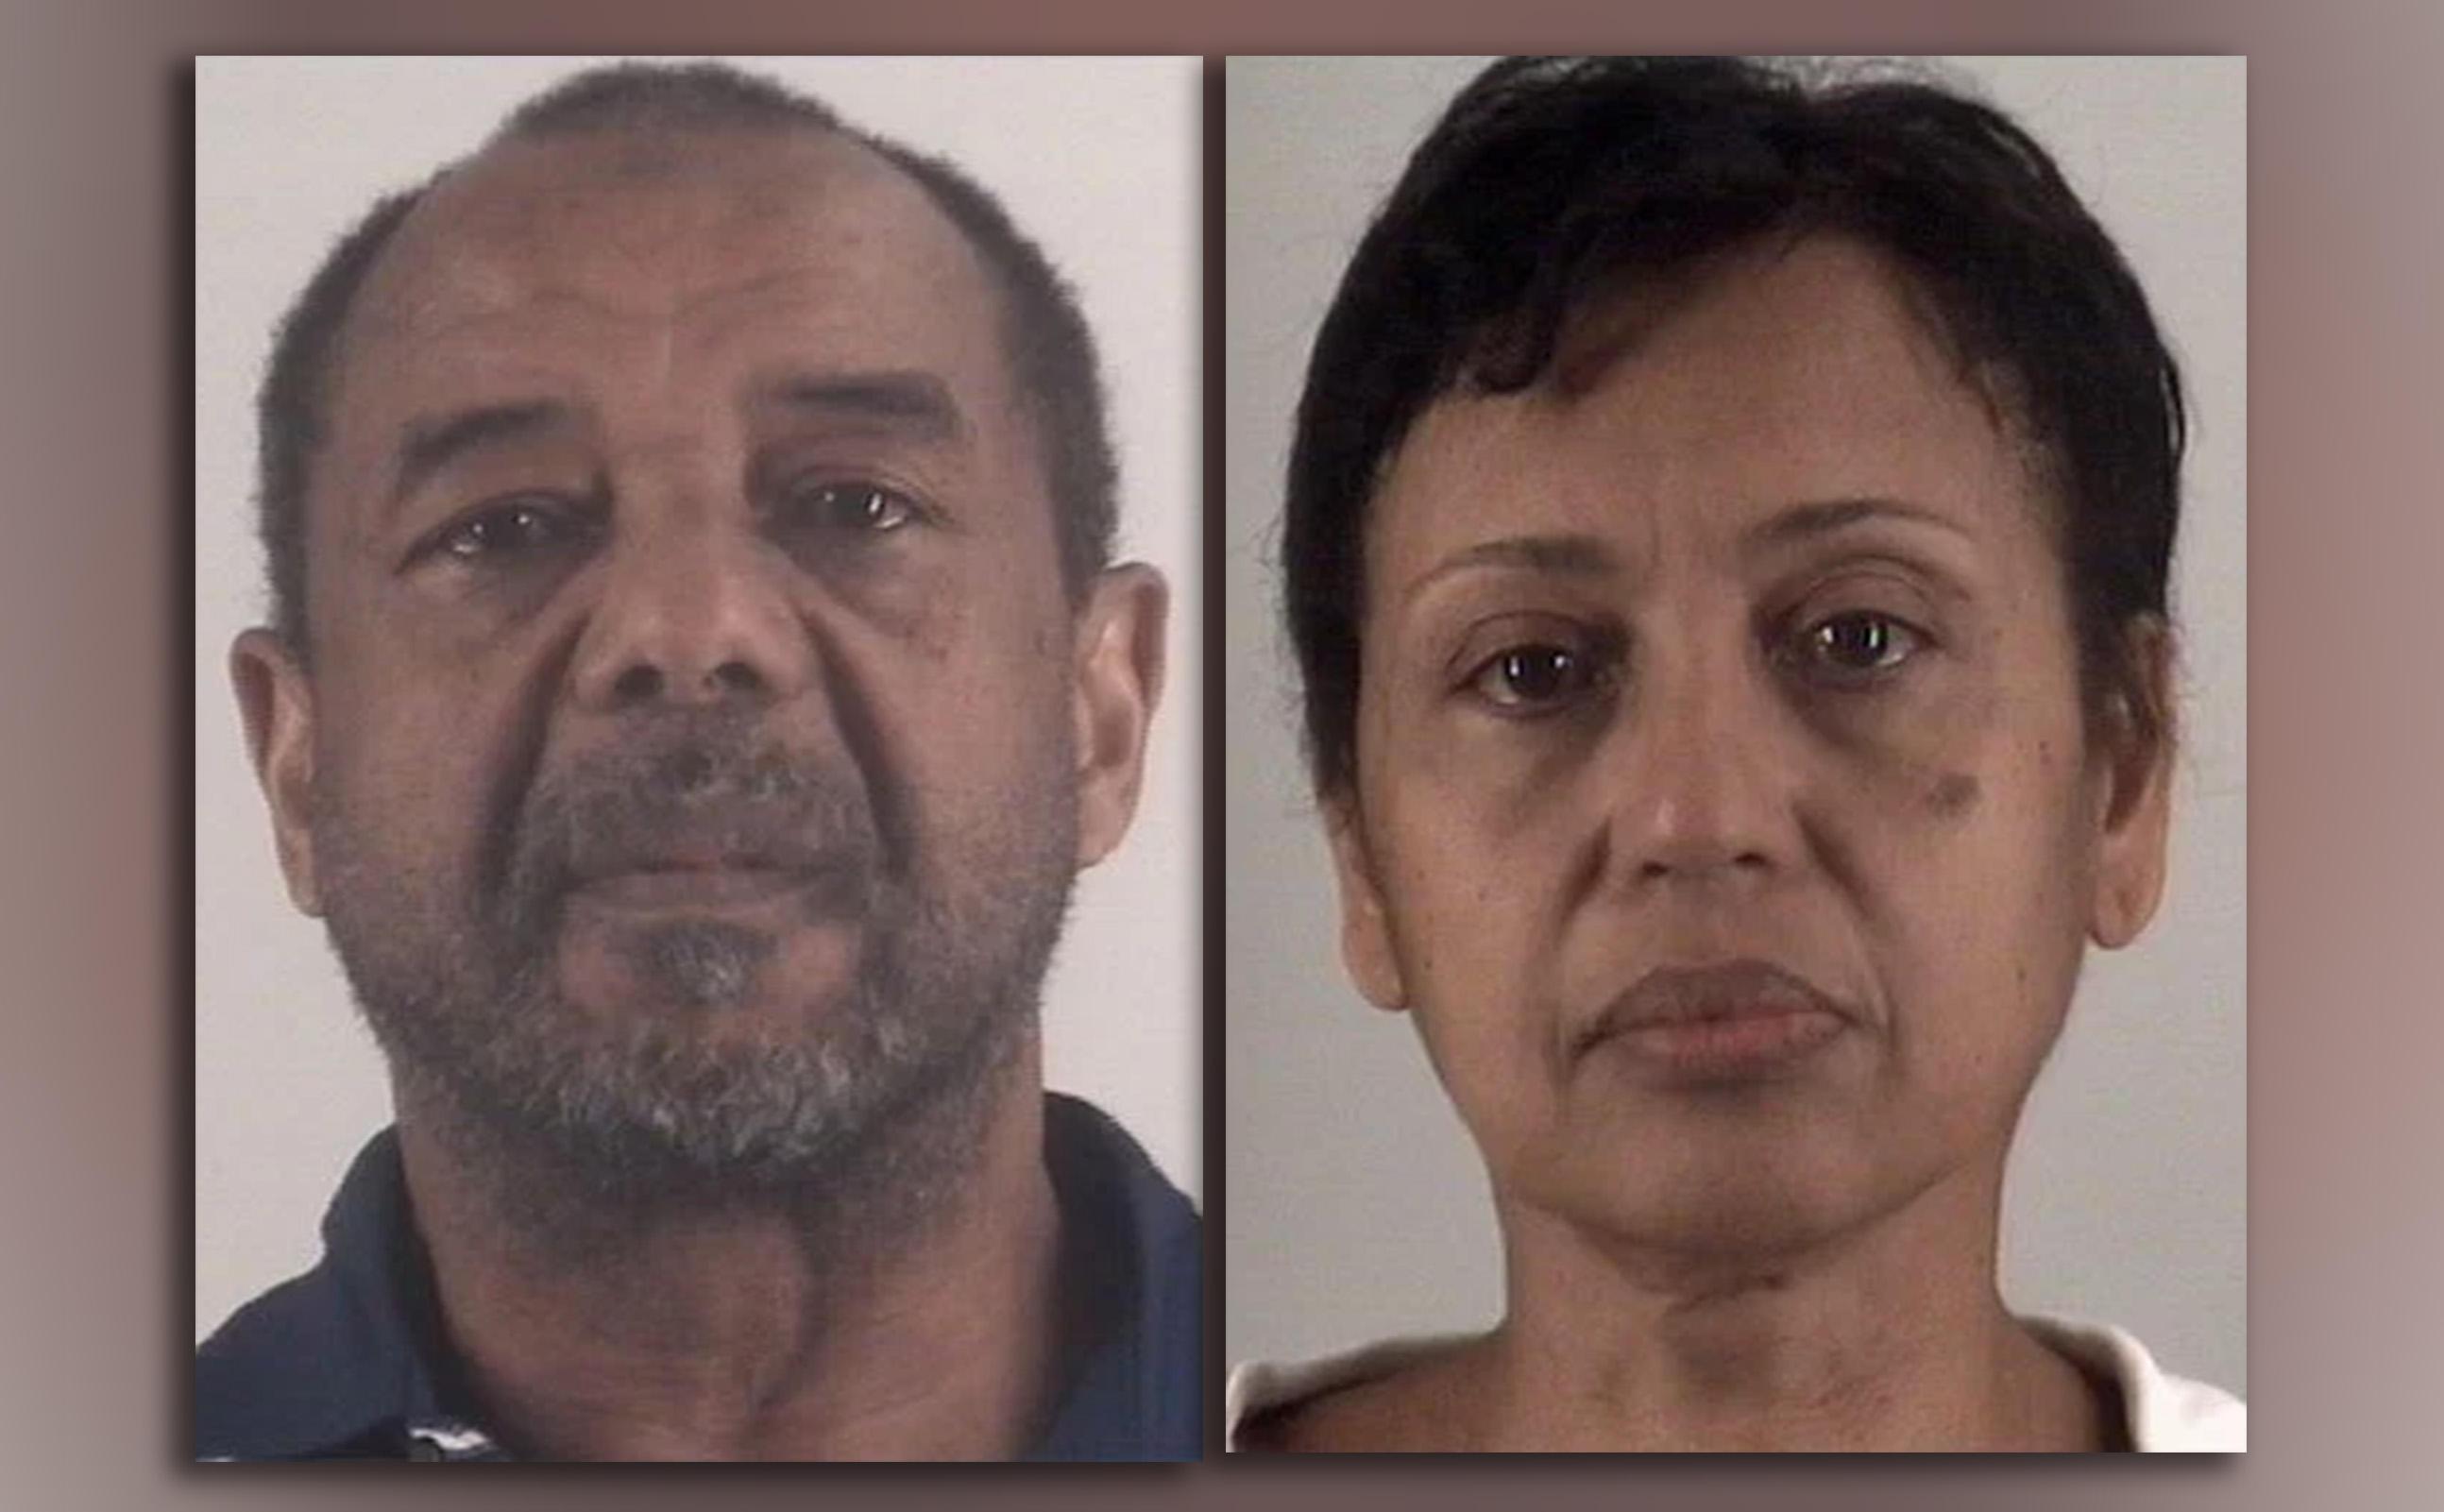 Deportarán a la pareja que esclavizó y abusó de una joven inmigrante